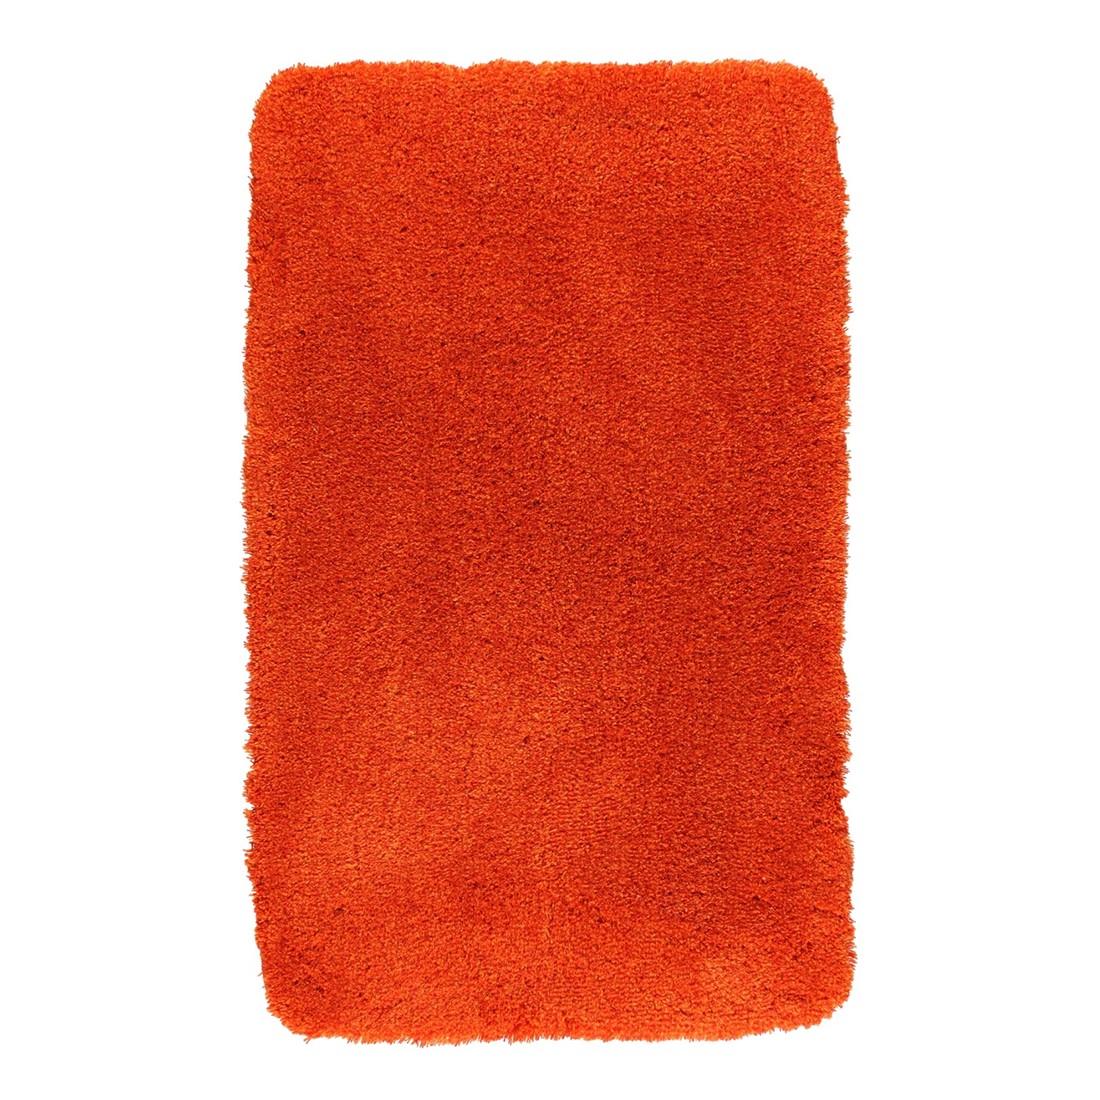 Badteppich Relax - 100% Polyacryl Tomate - 477 - 55x65 cm, Kleine Wolke